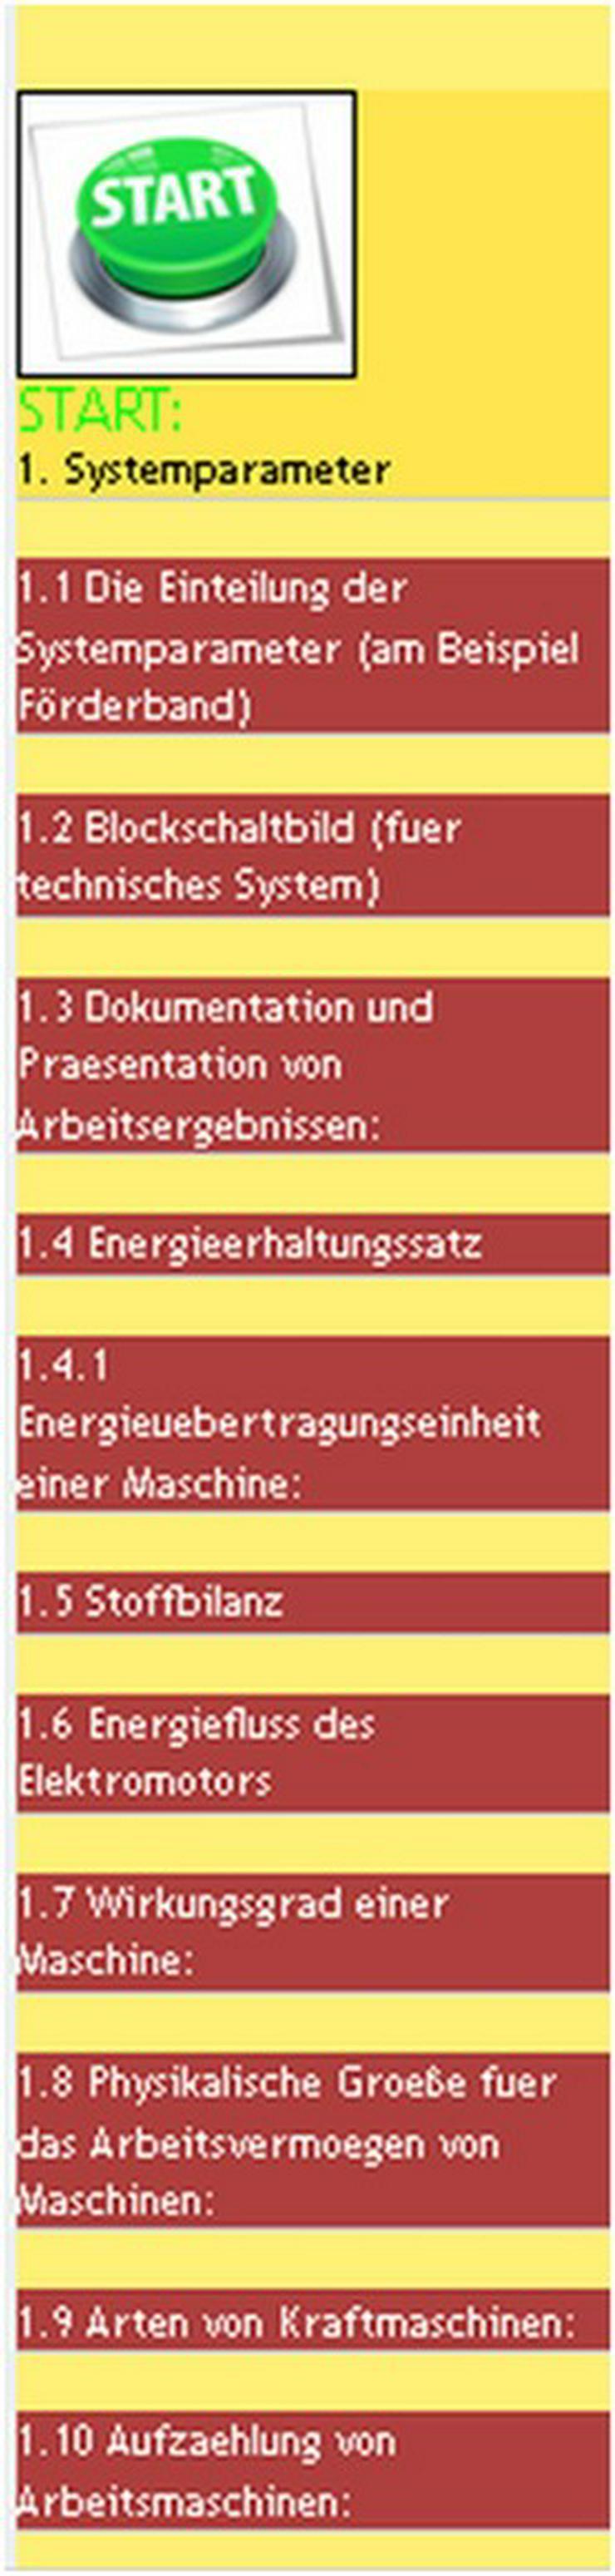 Bild 2: Frankfurter Buchmesse: Lexikon-Neuerscheinung